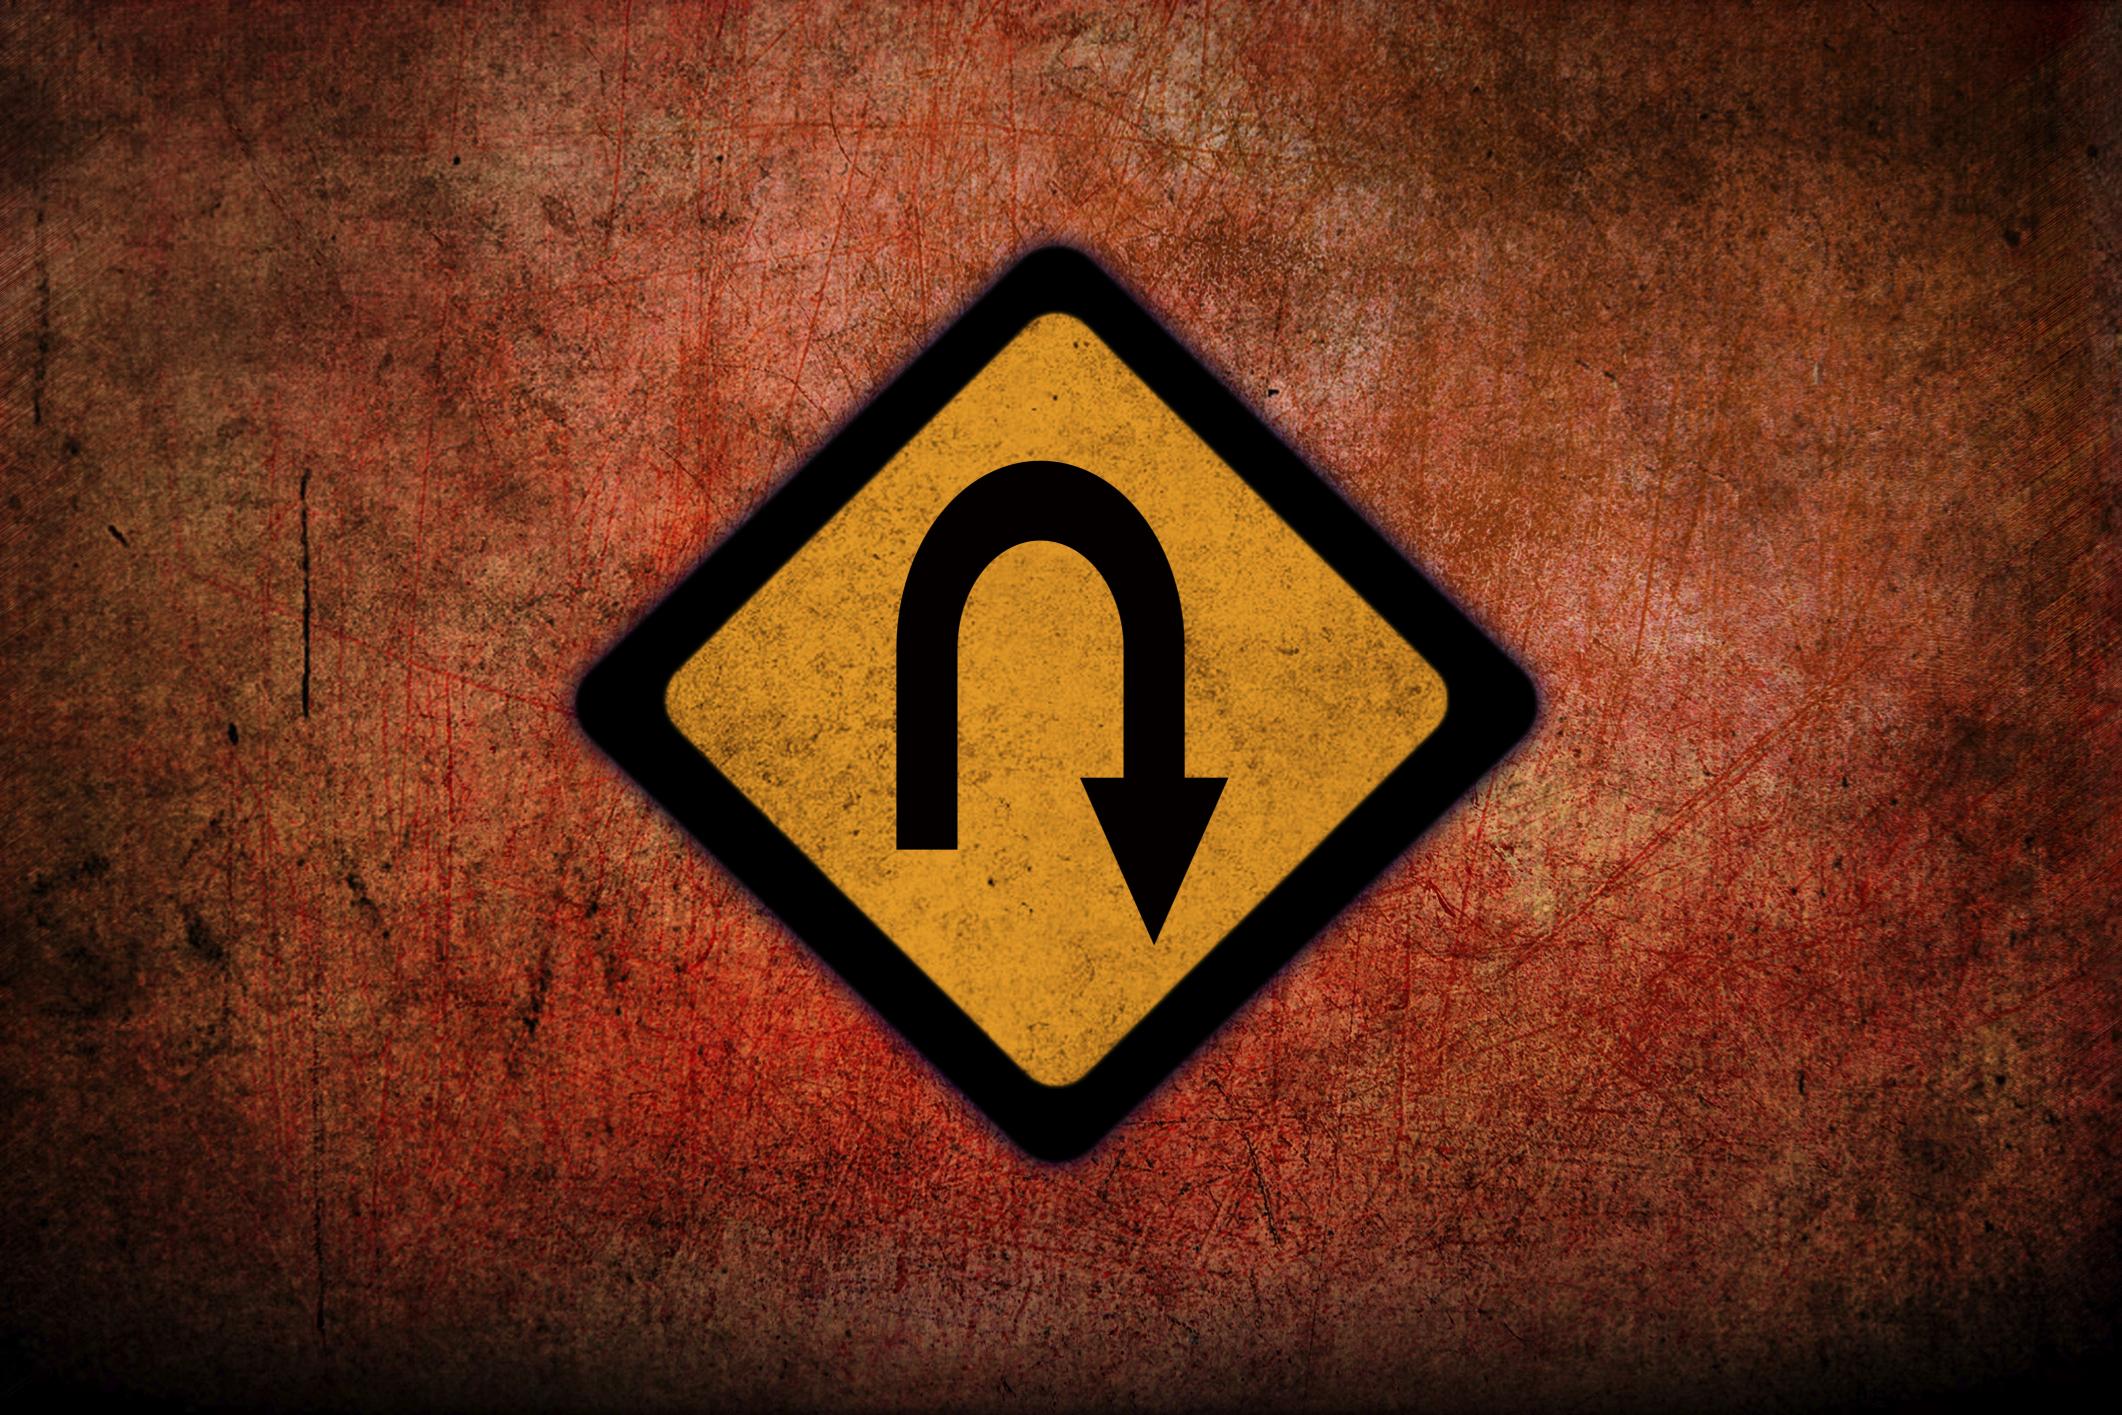 WE: U-Turn